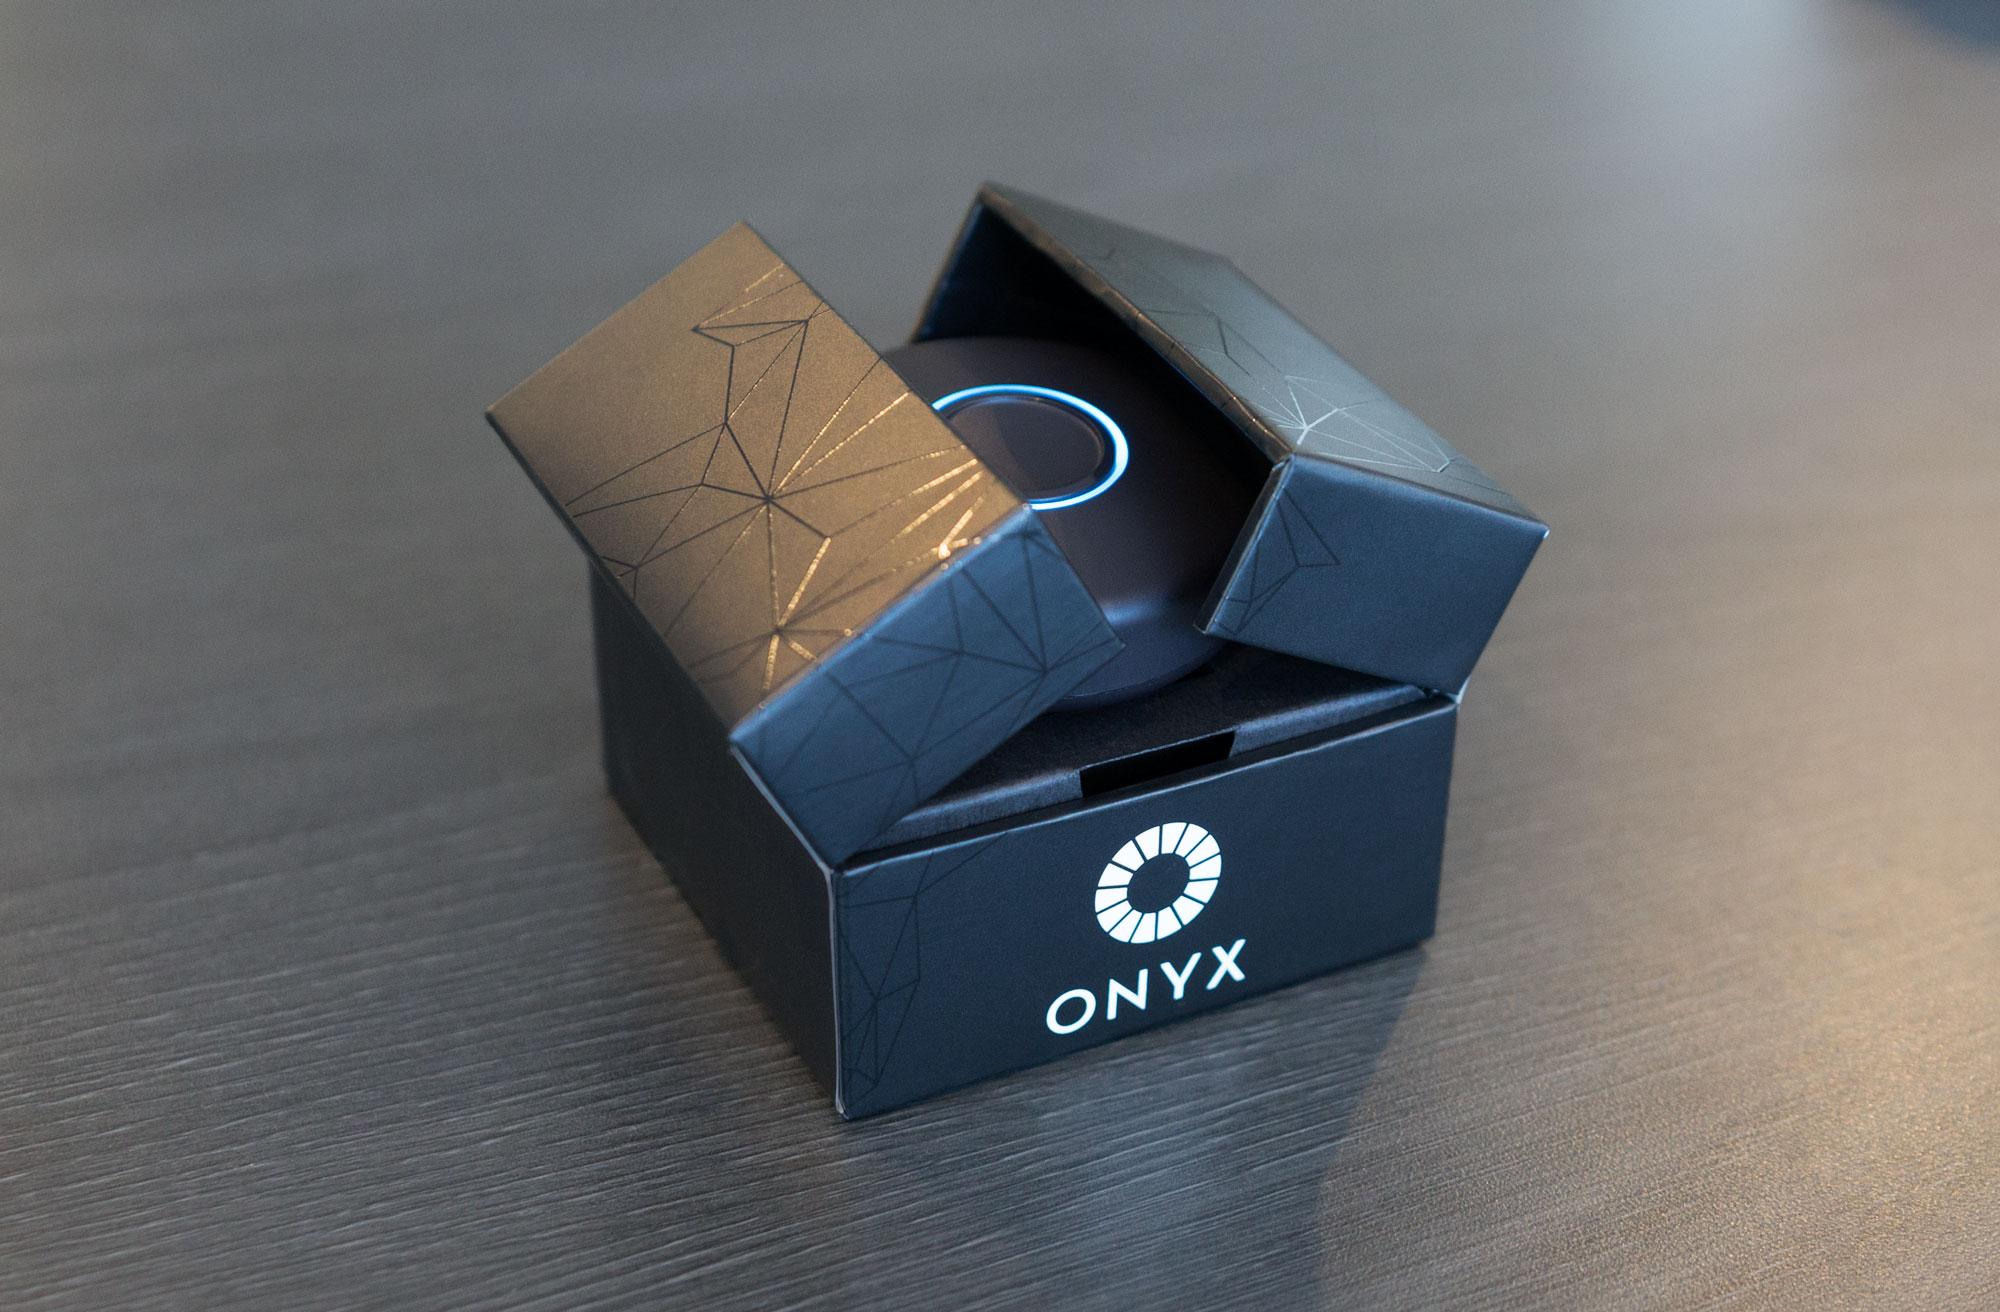 onyx packaging